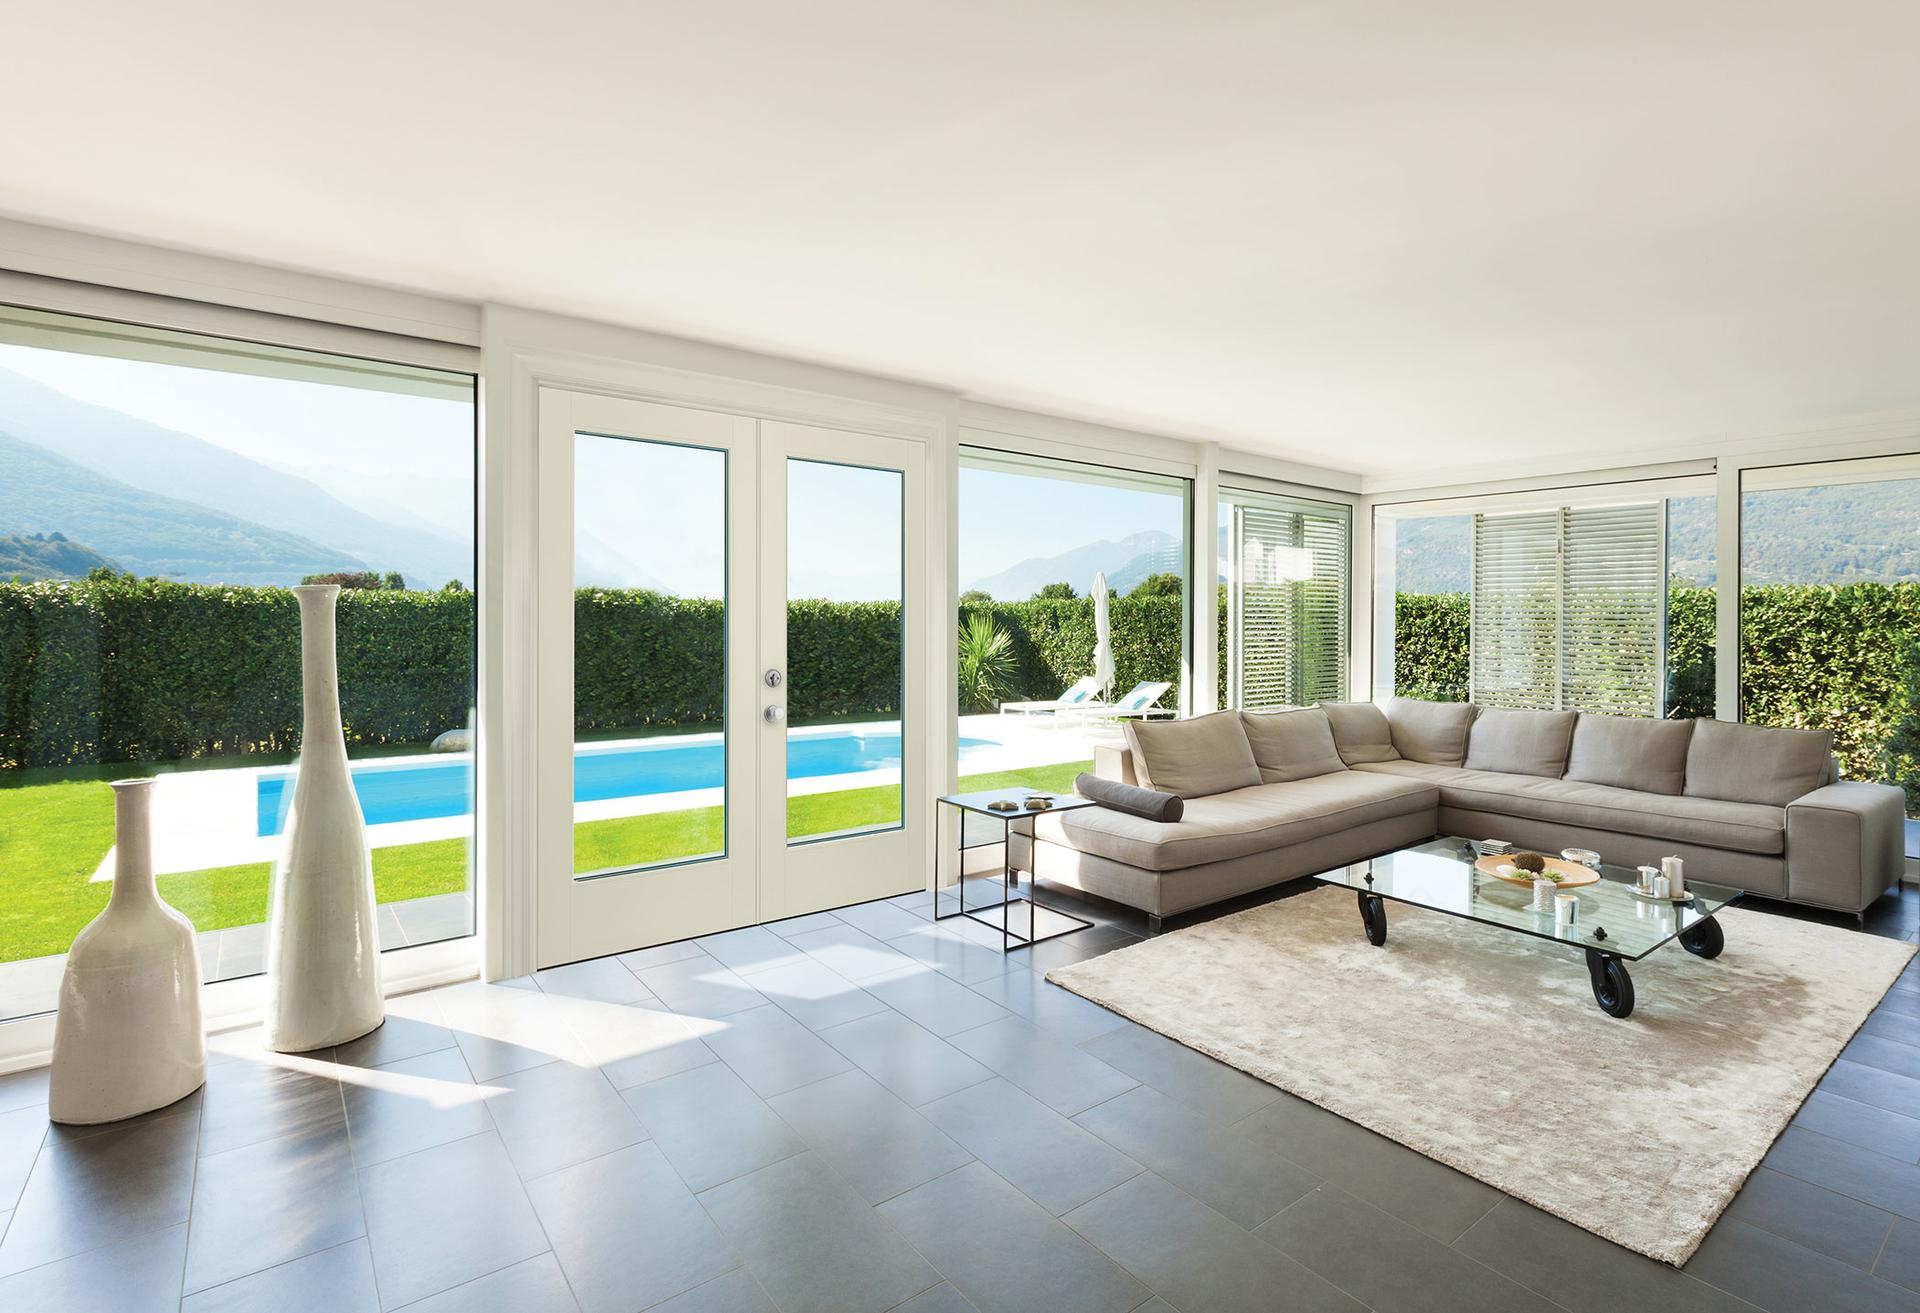 Vistagrande flush glazed exterior door for residential pro for Flush exterior door